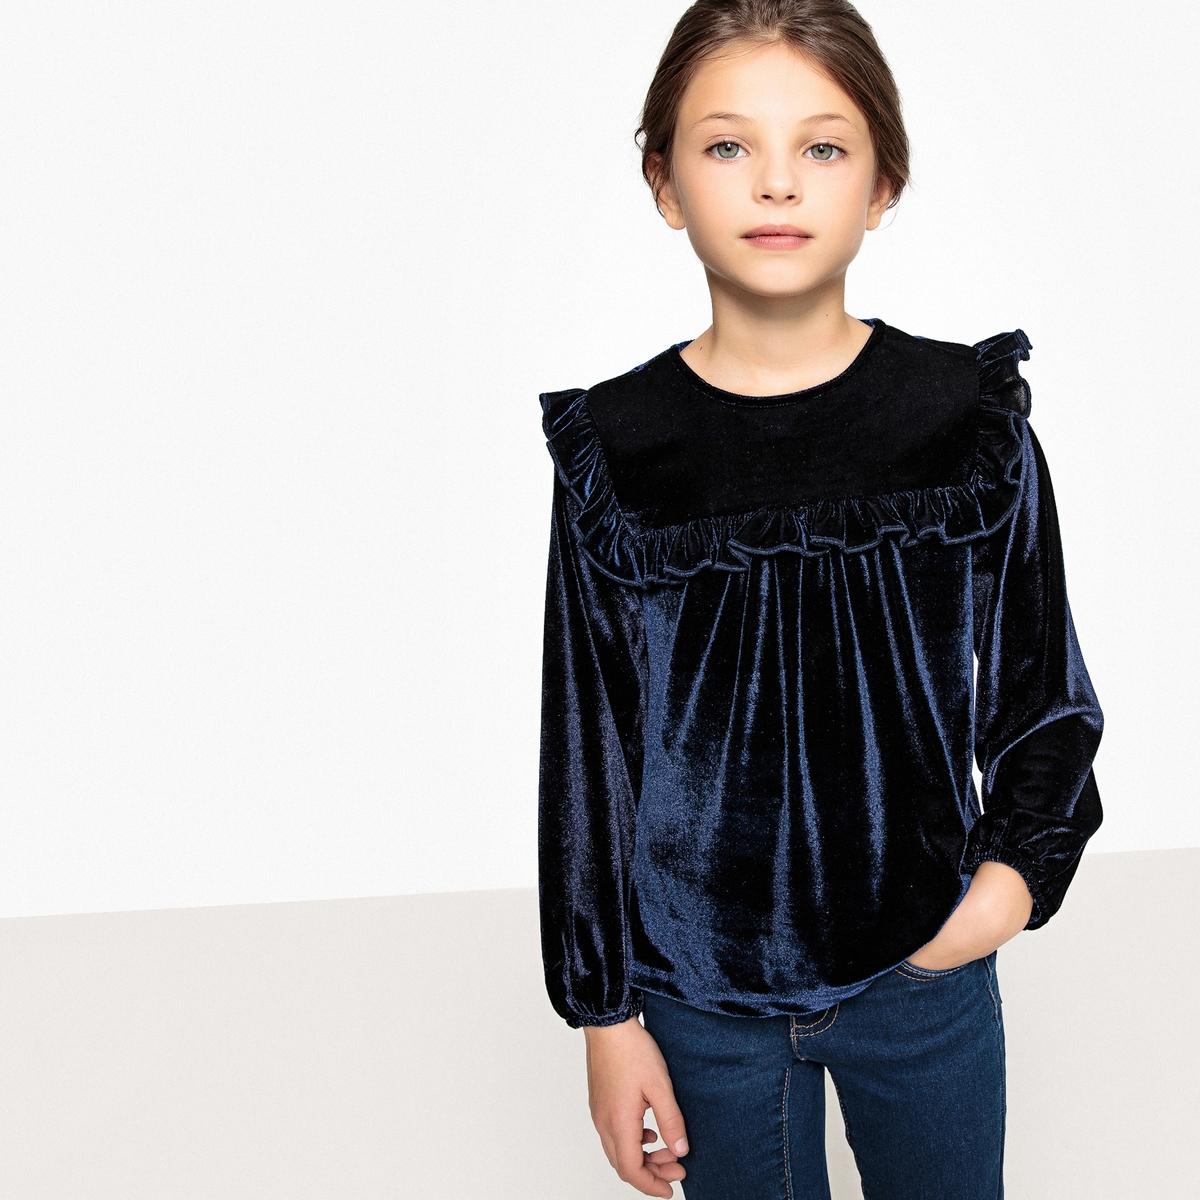 Фото - Блузка из велюра с воланами 3-12 лет блузка боди с воланами 0 месяцев 3 года